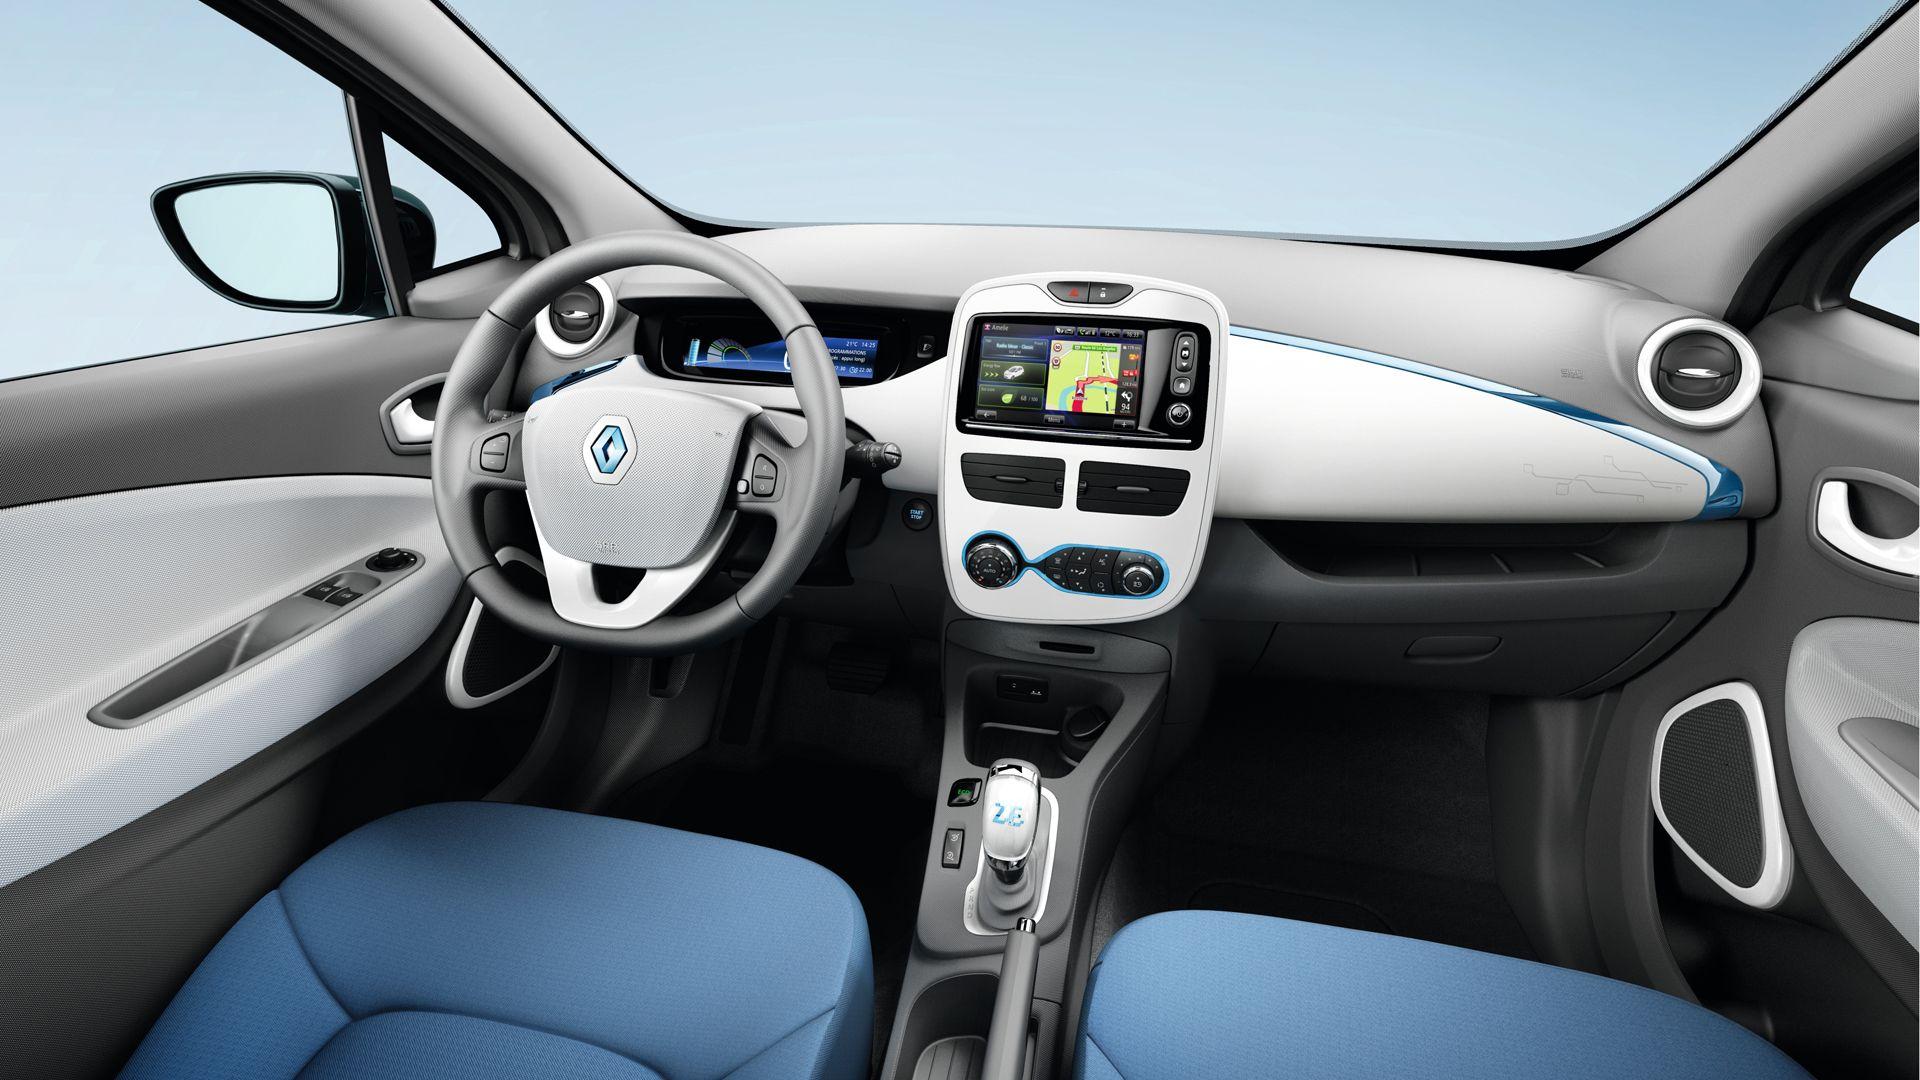 Renault Zoe Interior E Auto Elektrisches Auto Elektroauto